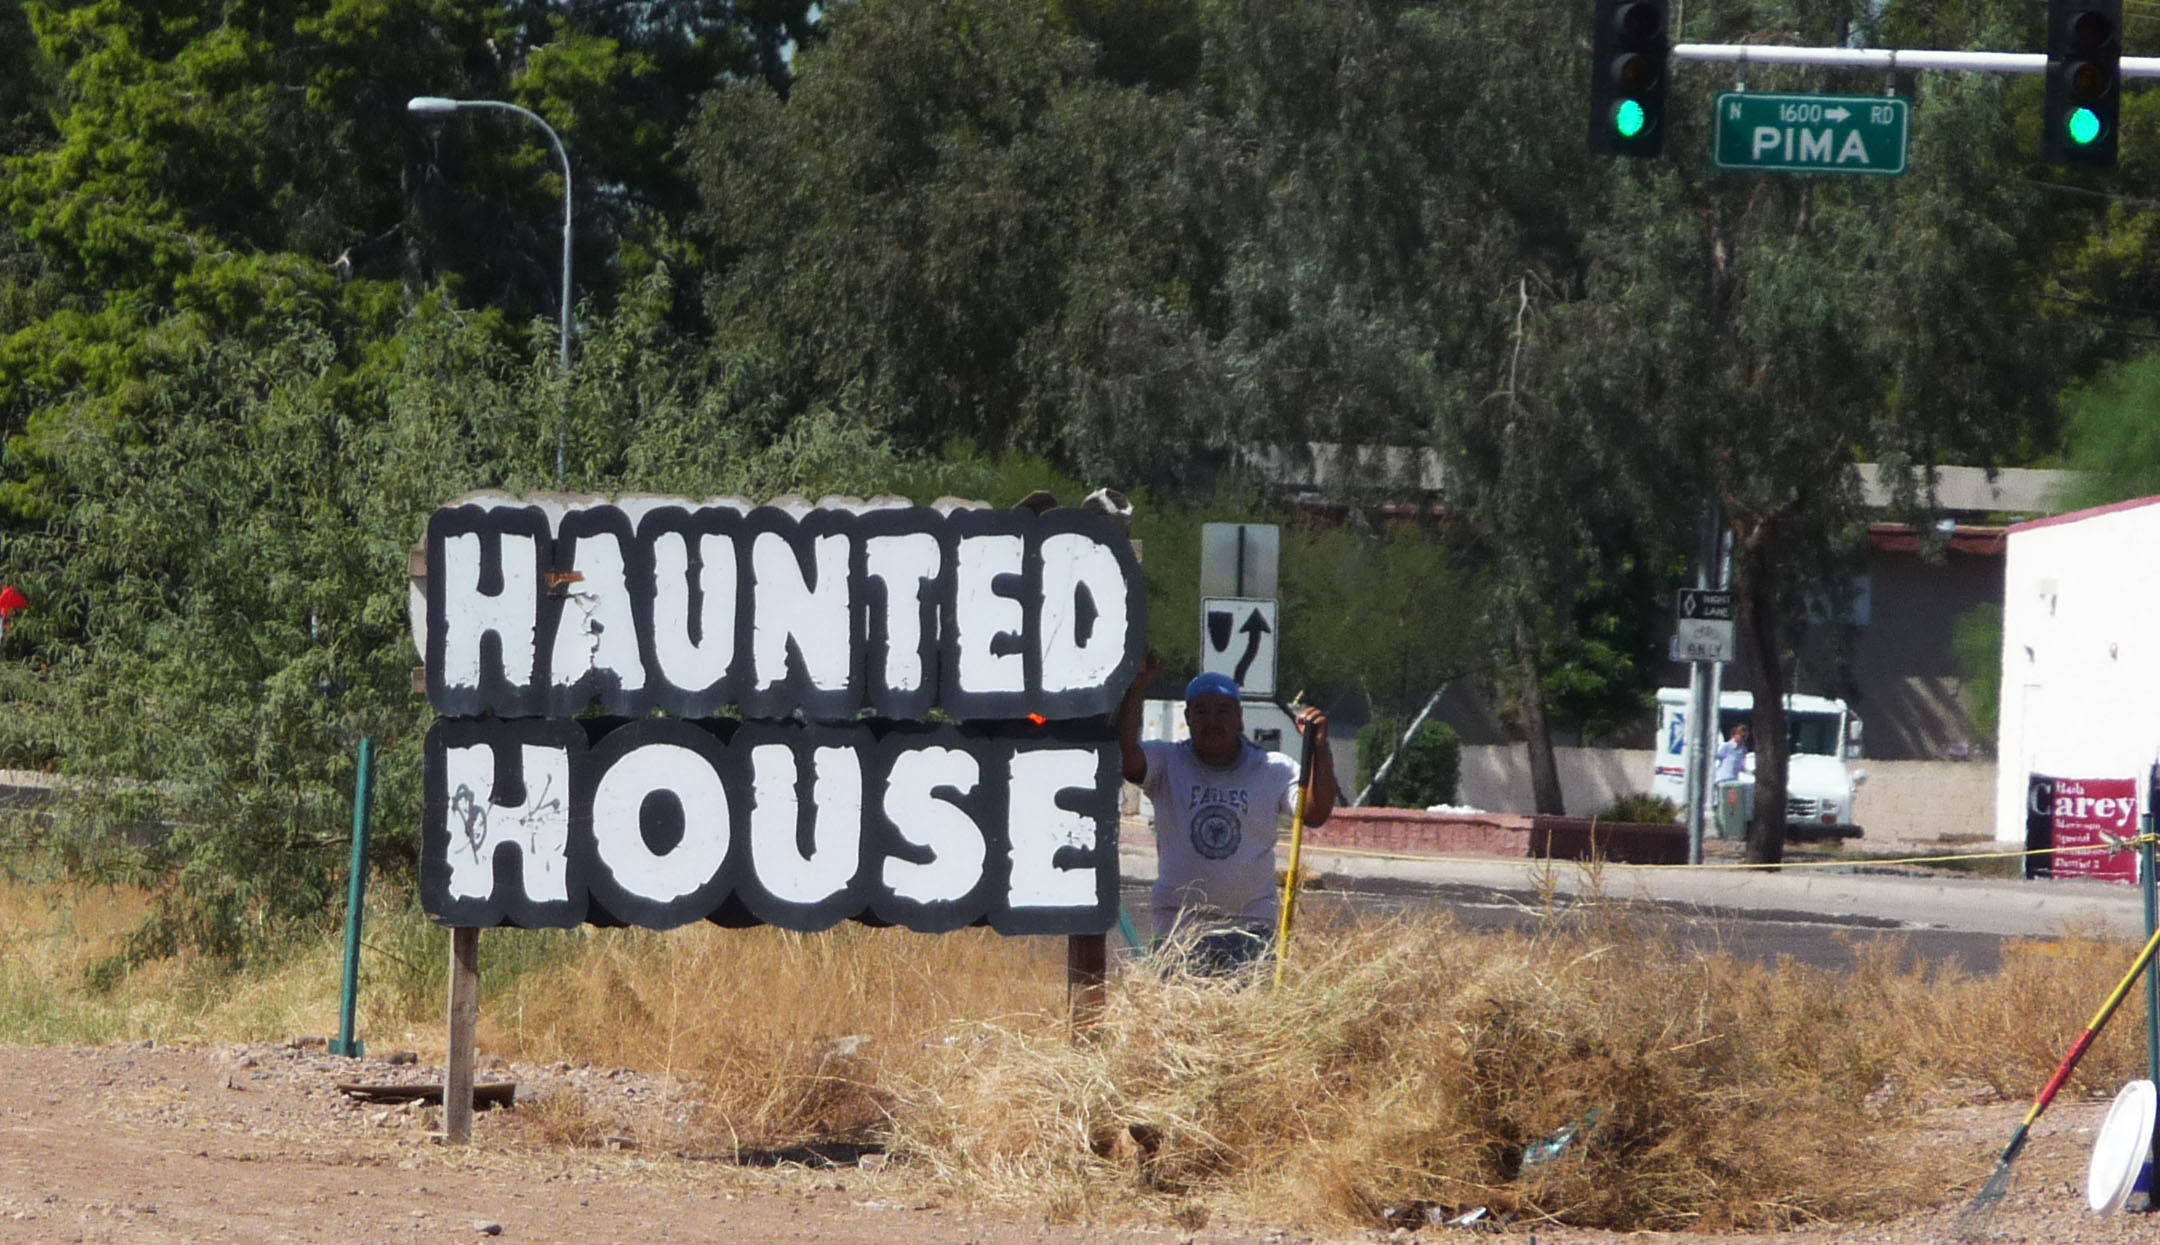 AZ Scream Park